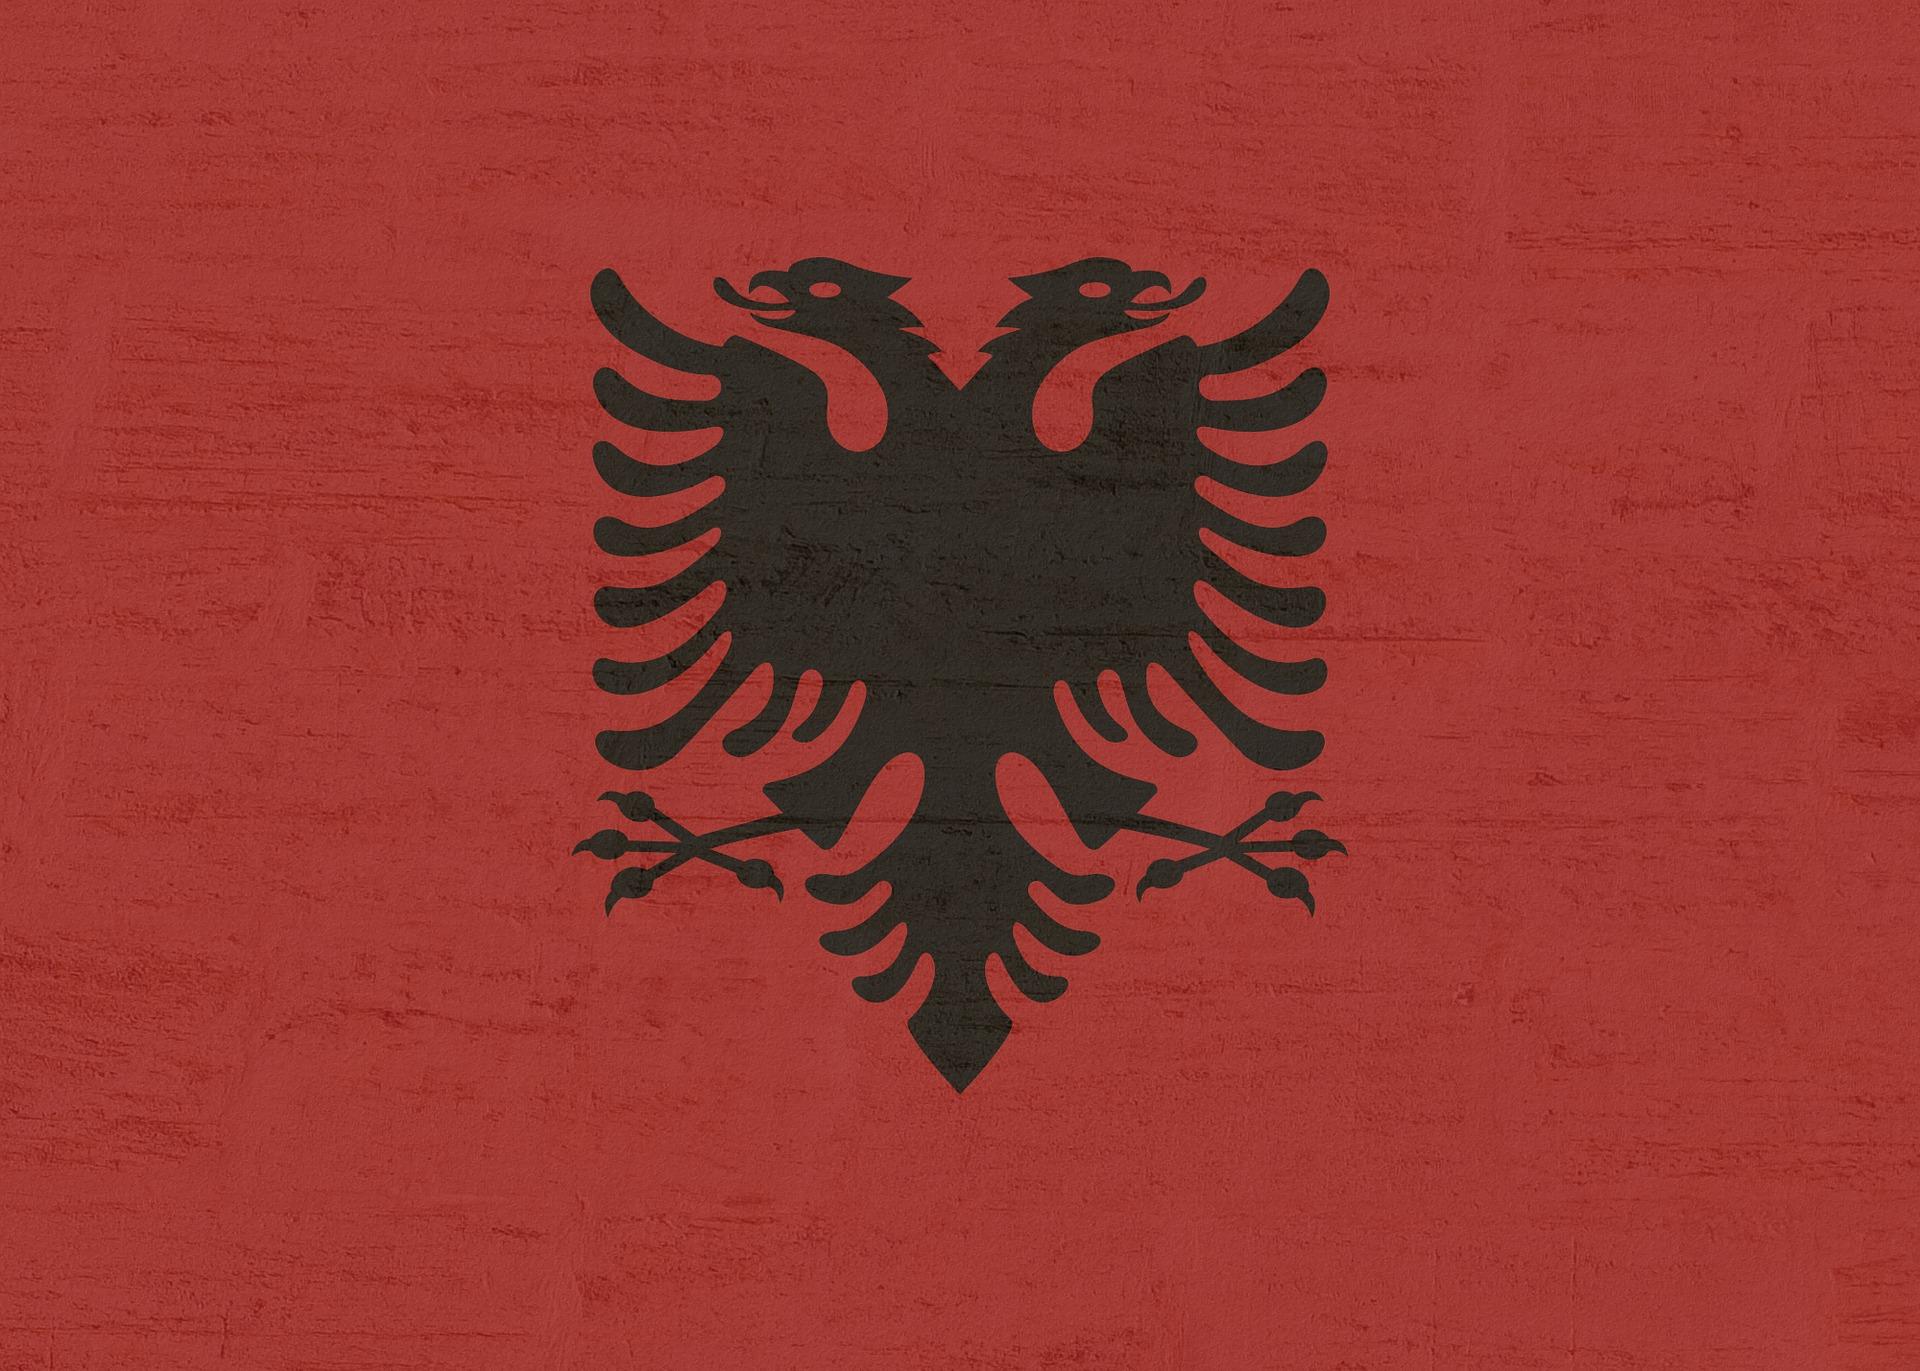 Trademark registration Albania